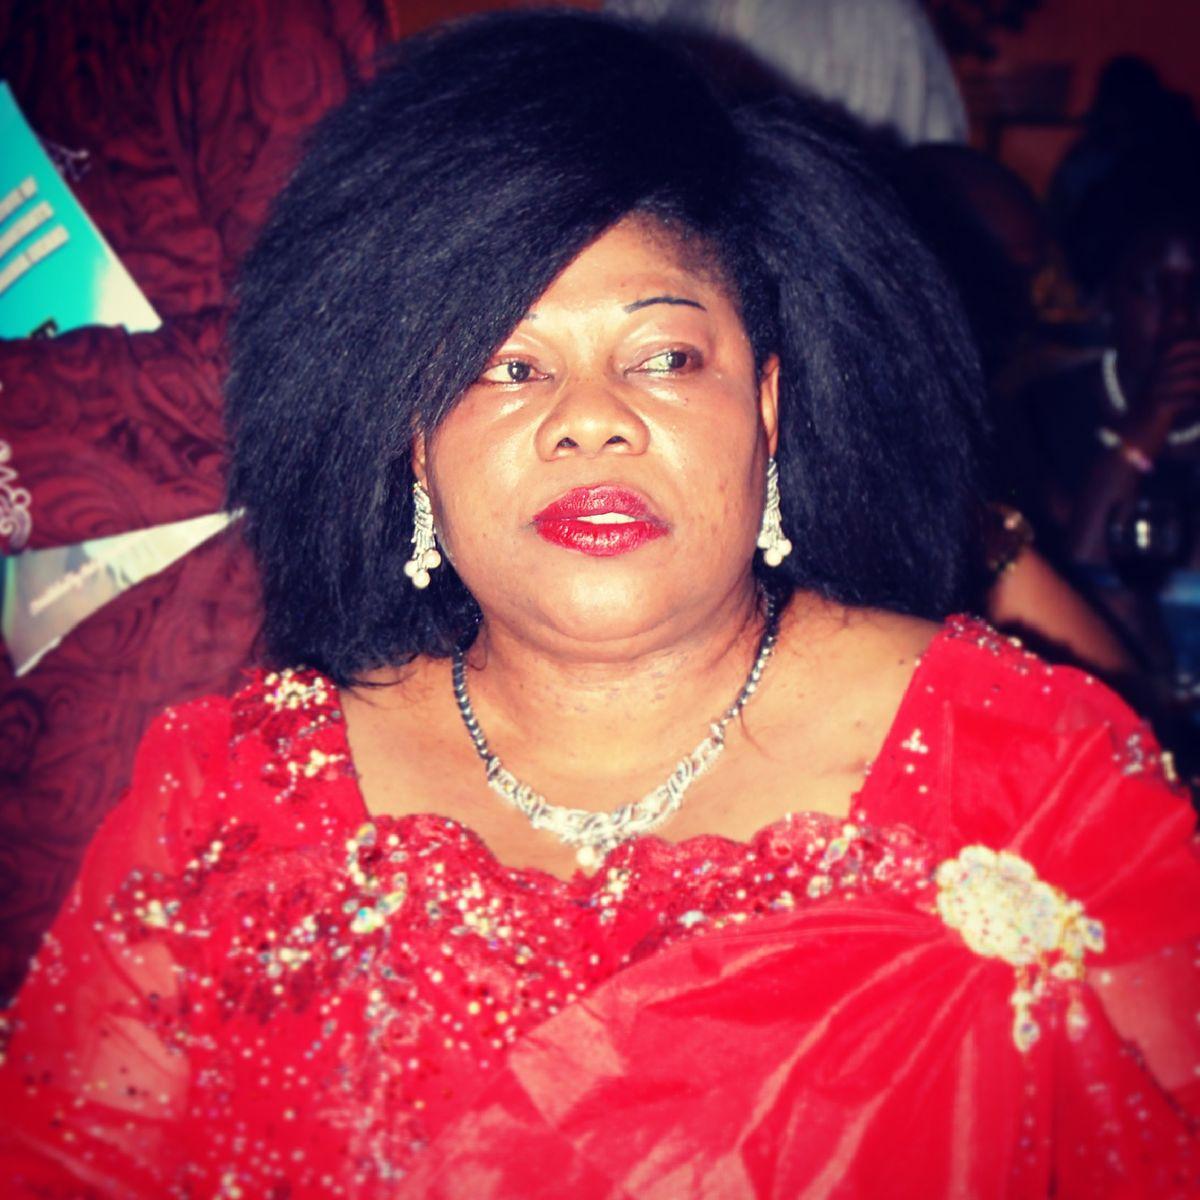 EFCC Arrests Ngozi Olejeme over N69bn Fraud